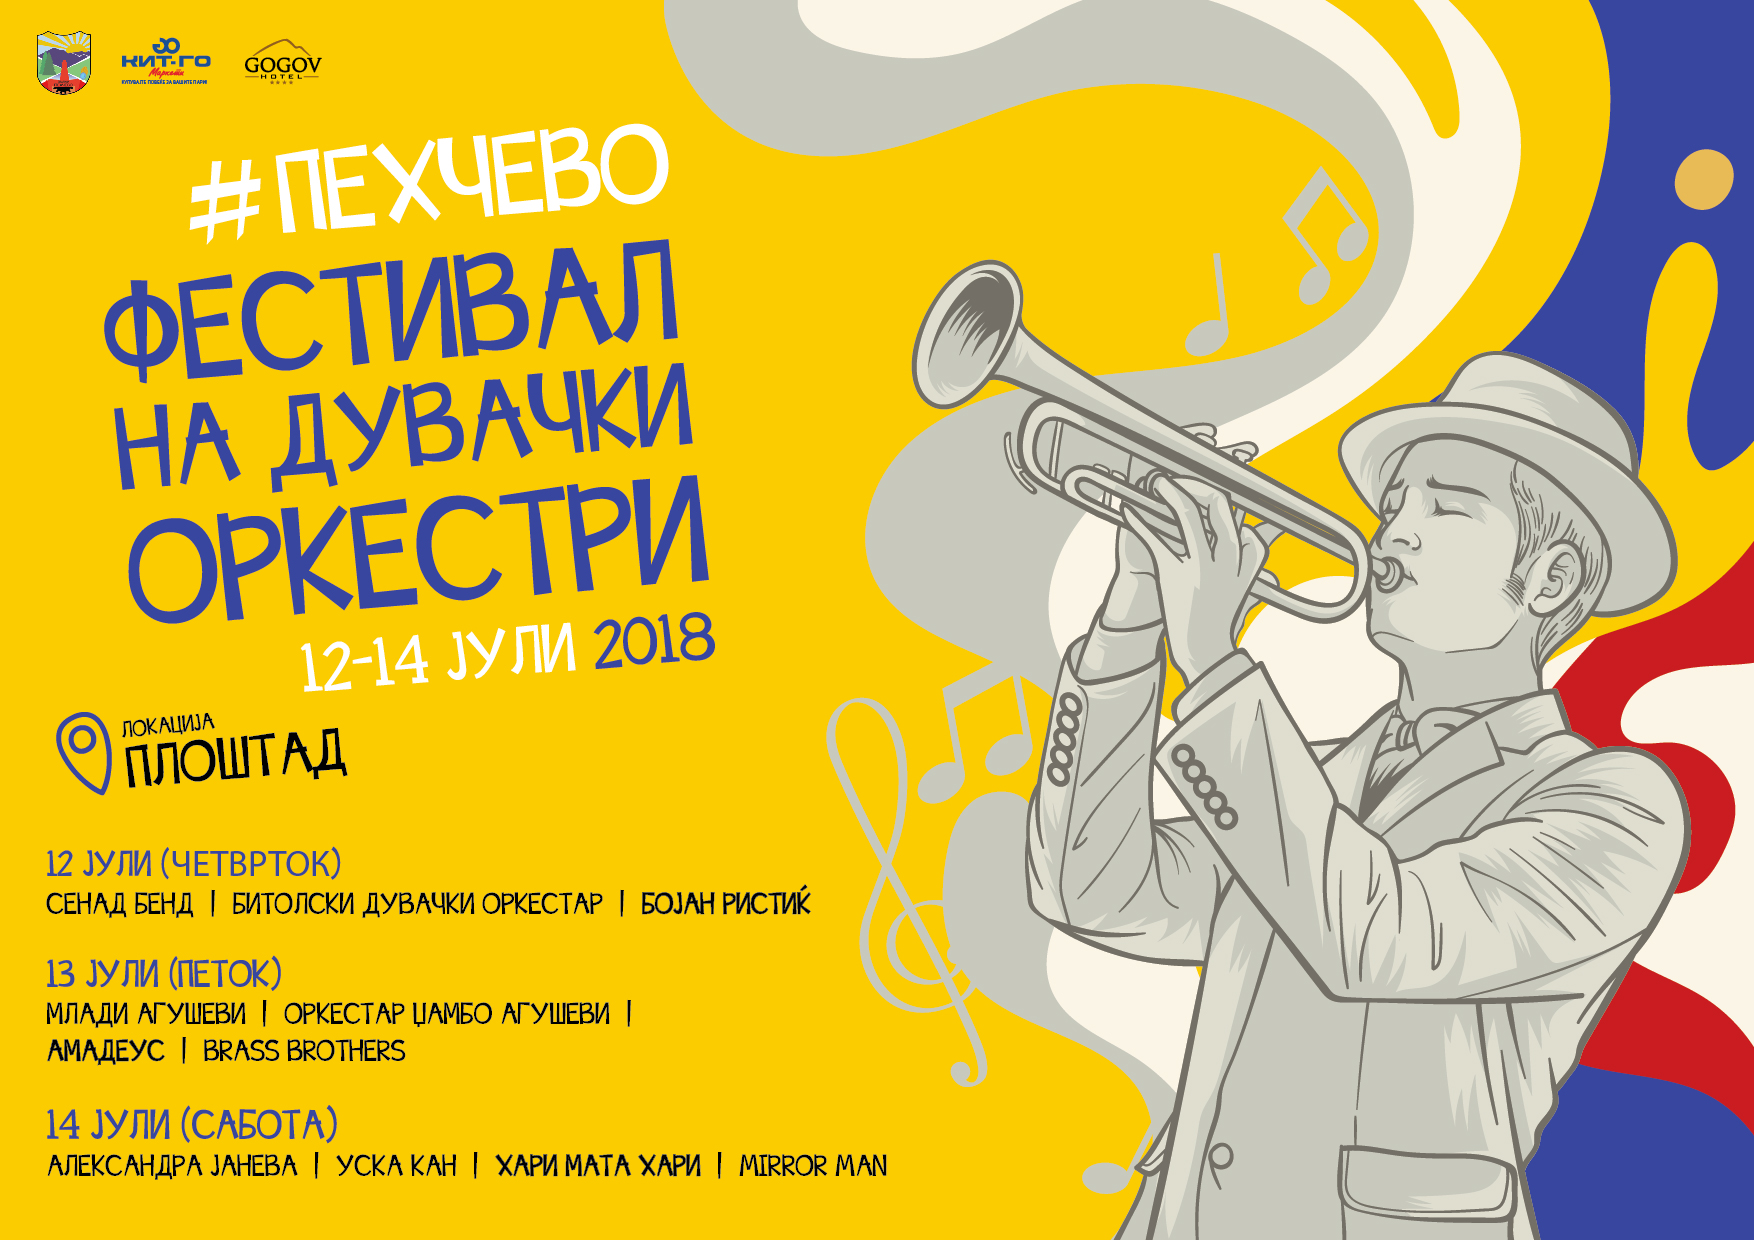 Пехчево-Фестивал